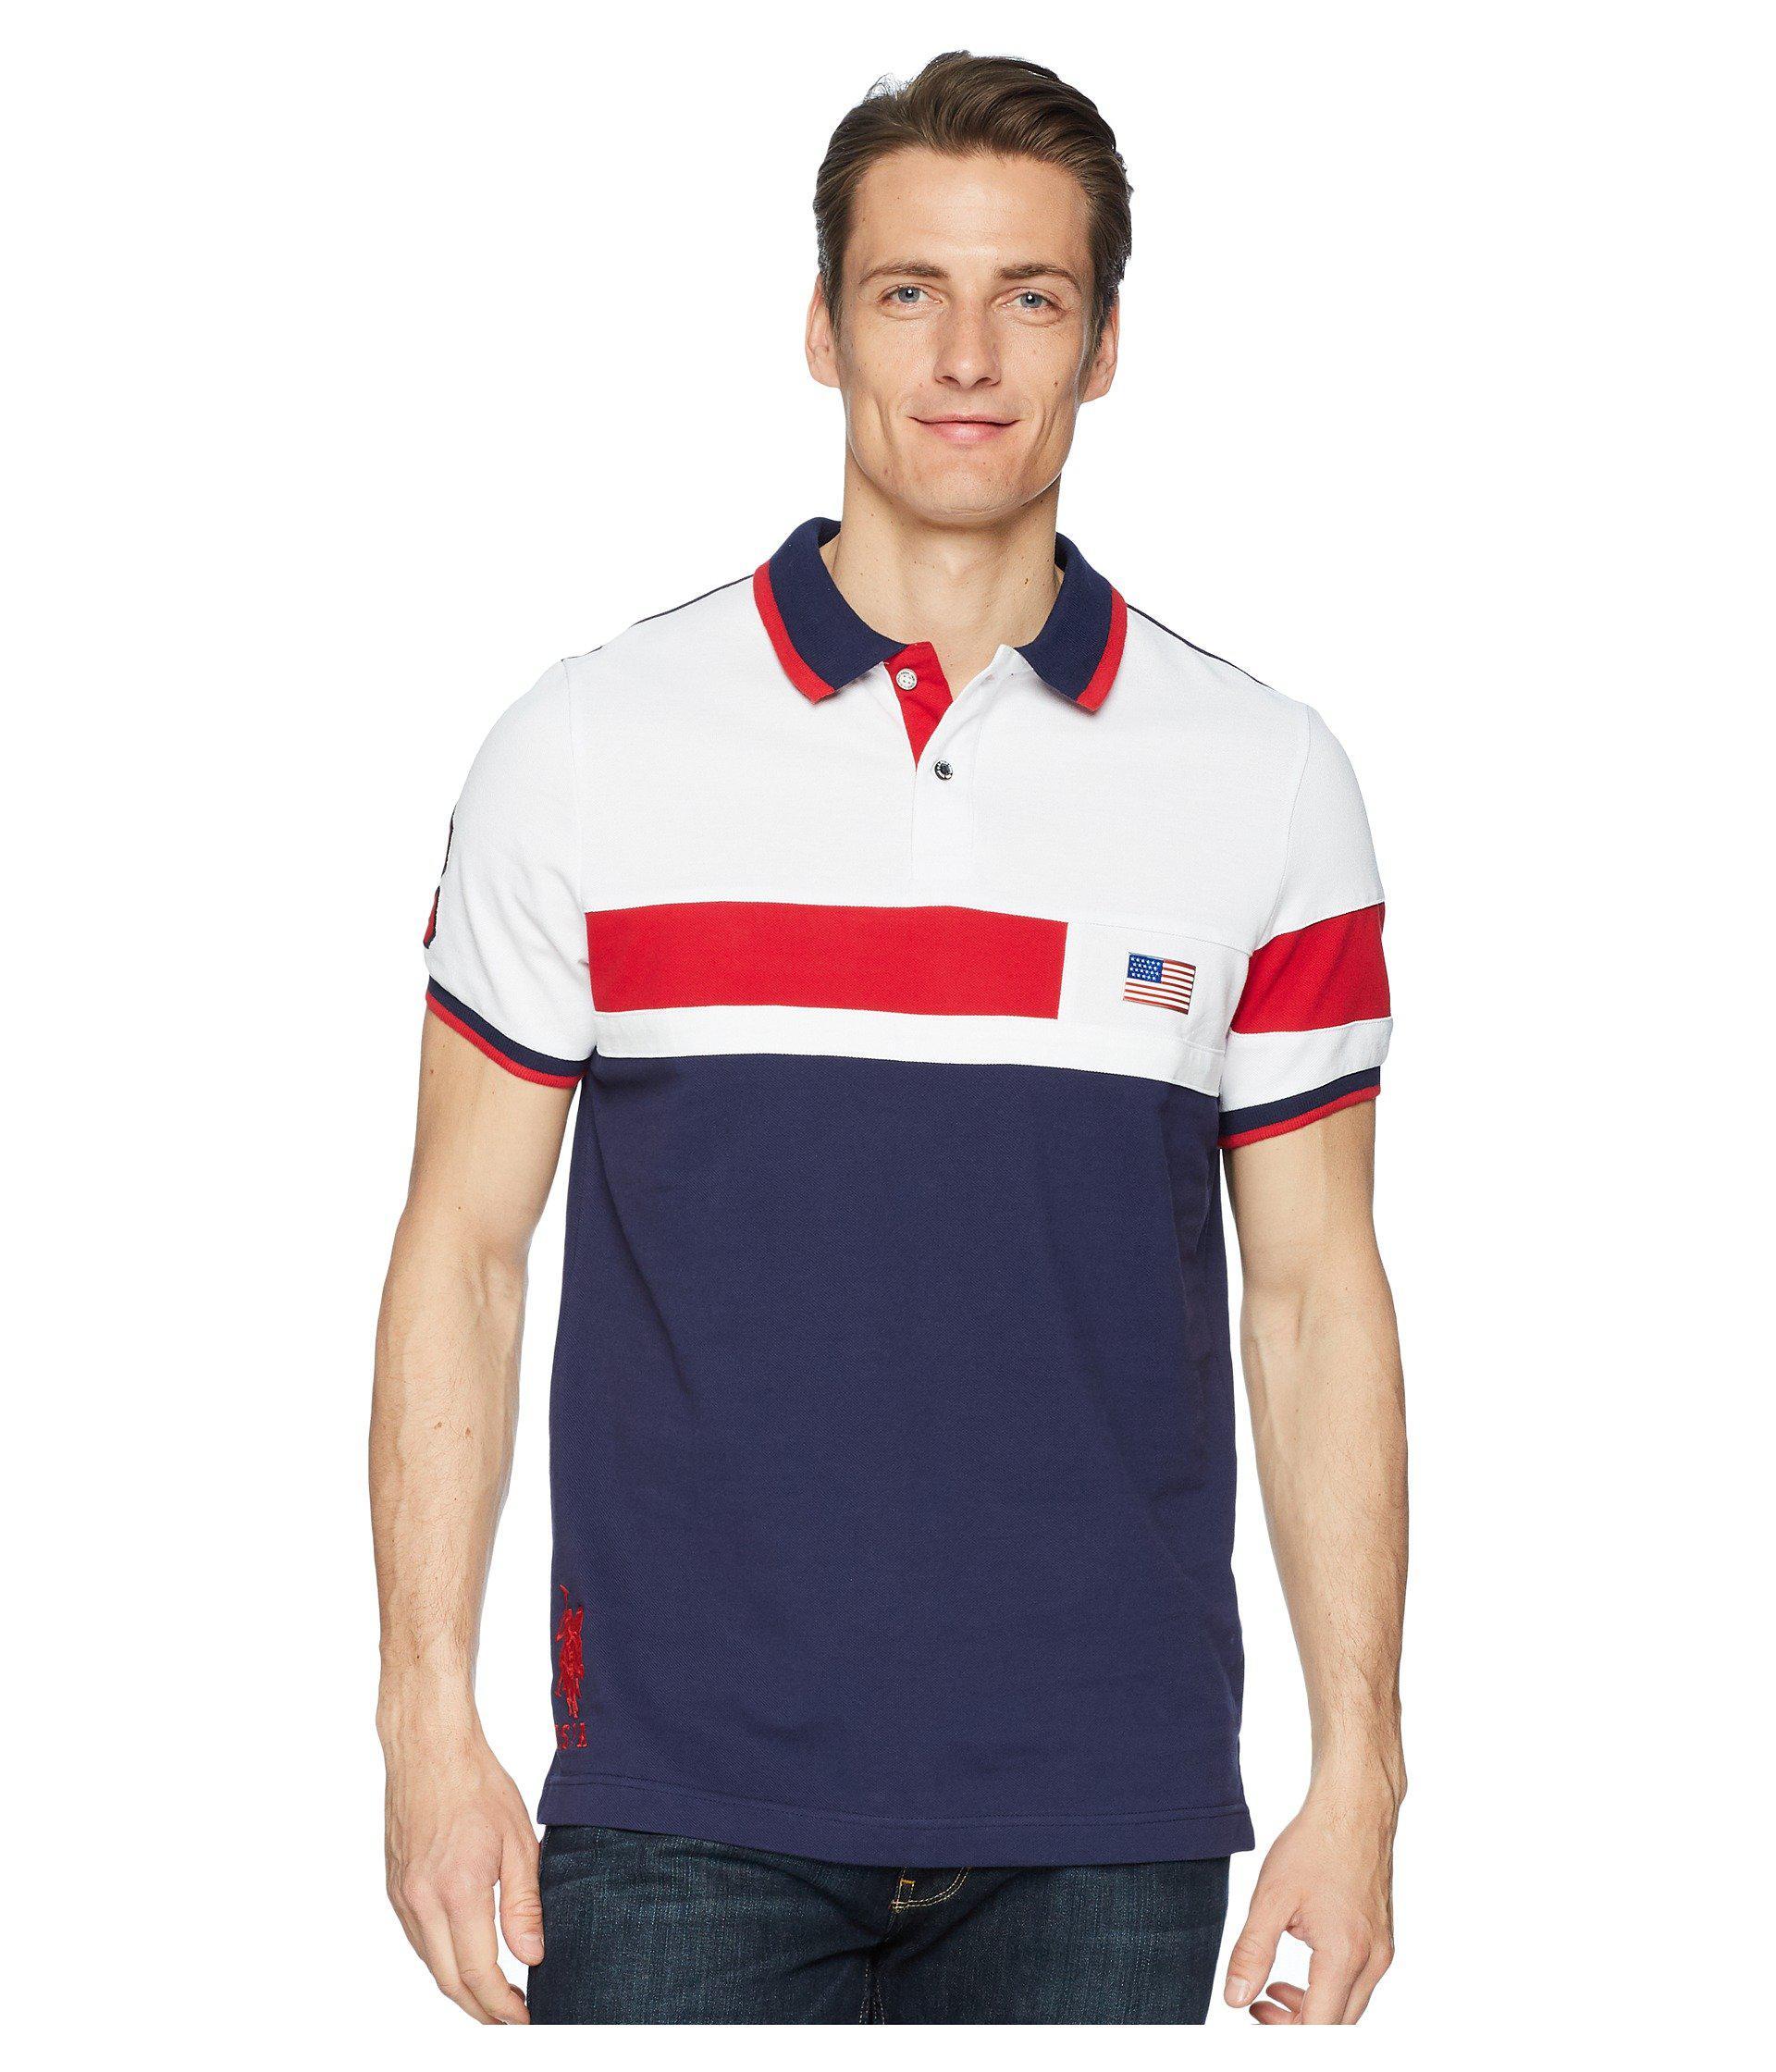 582f46986e Buy Us Polo T Shirts - DREAMWORKS